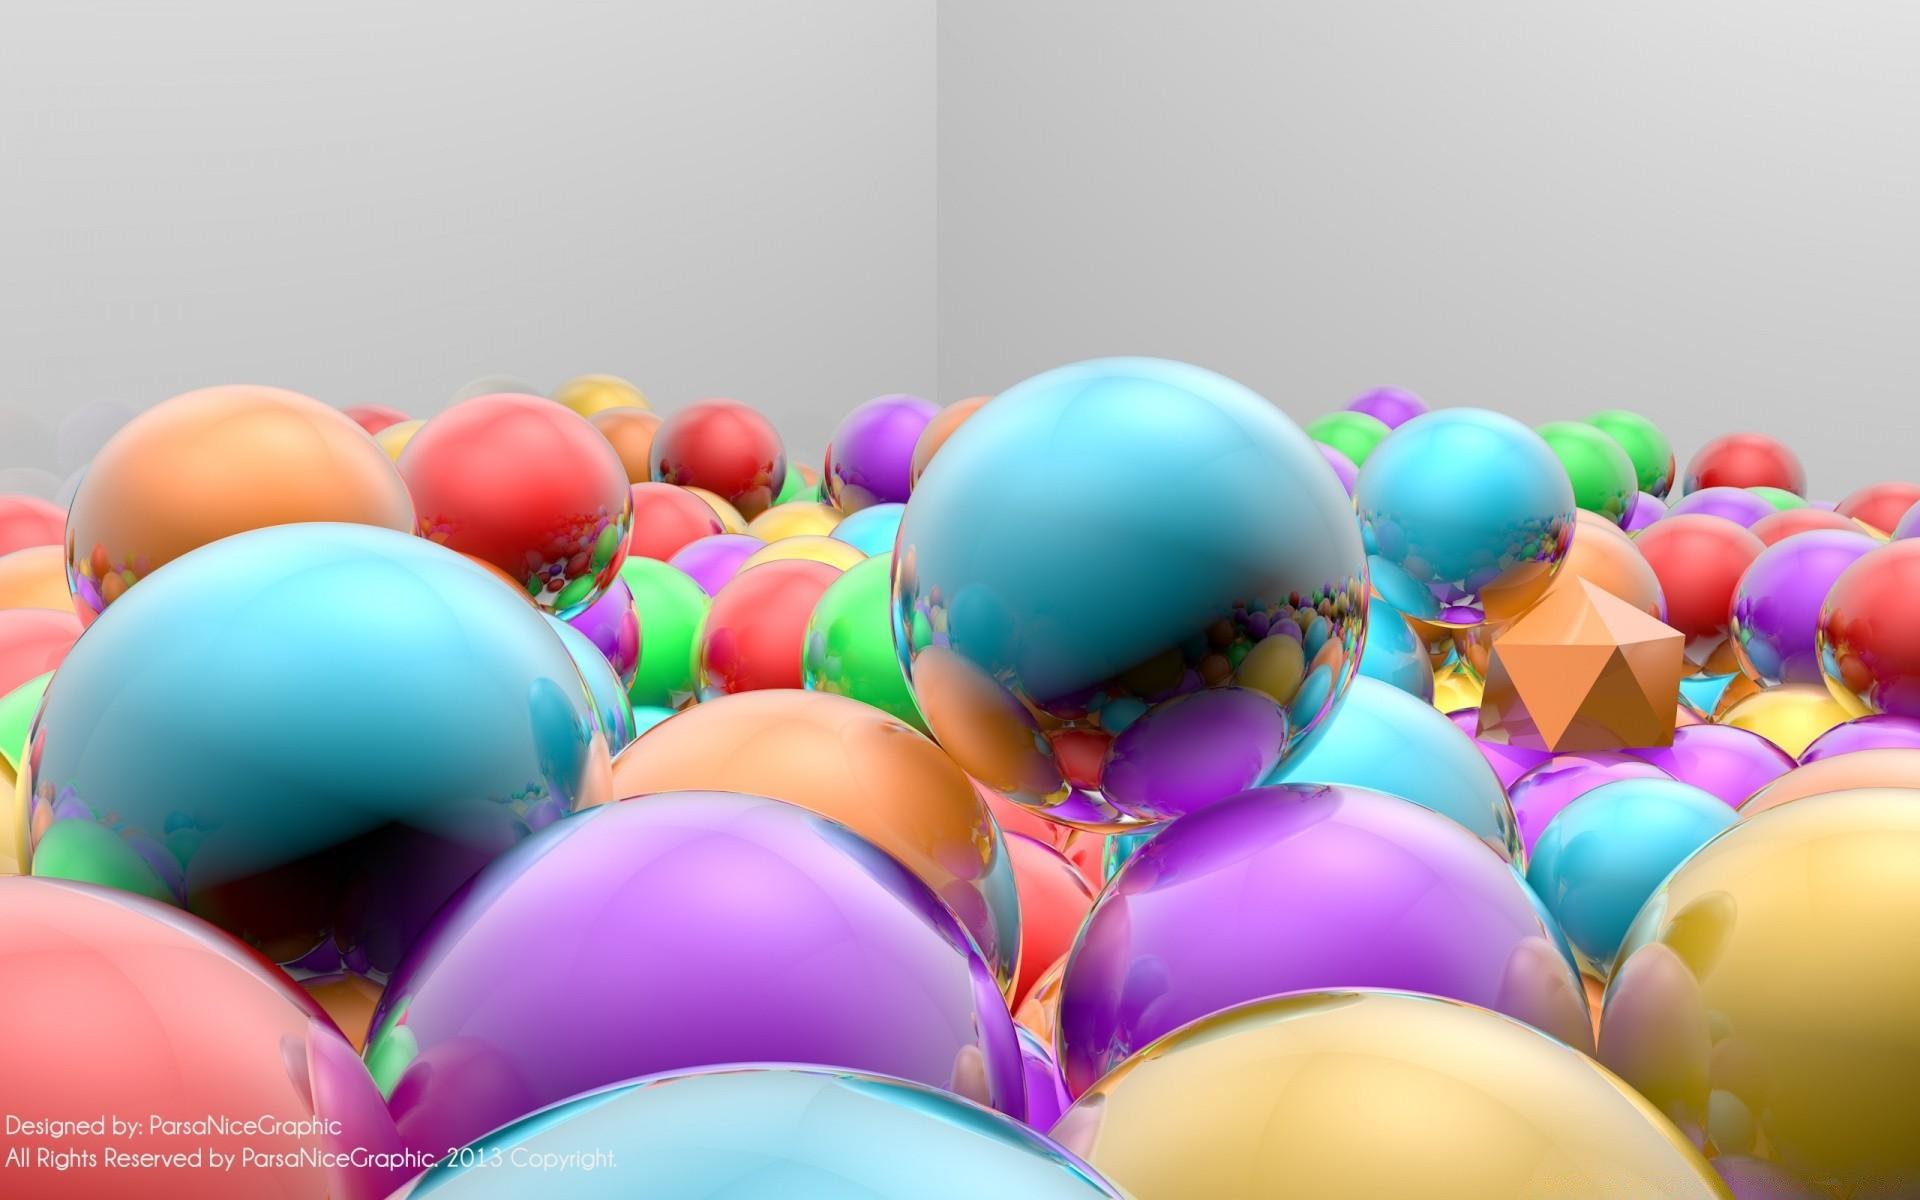 Огни цветные шарики  № 3561004 бесплатно